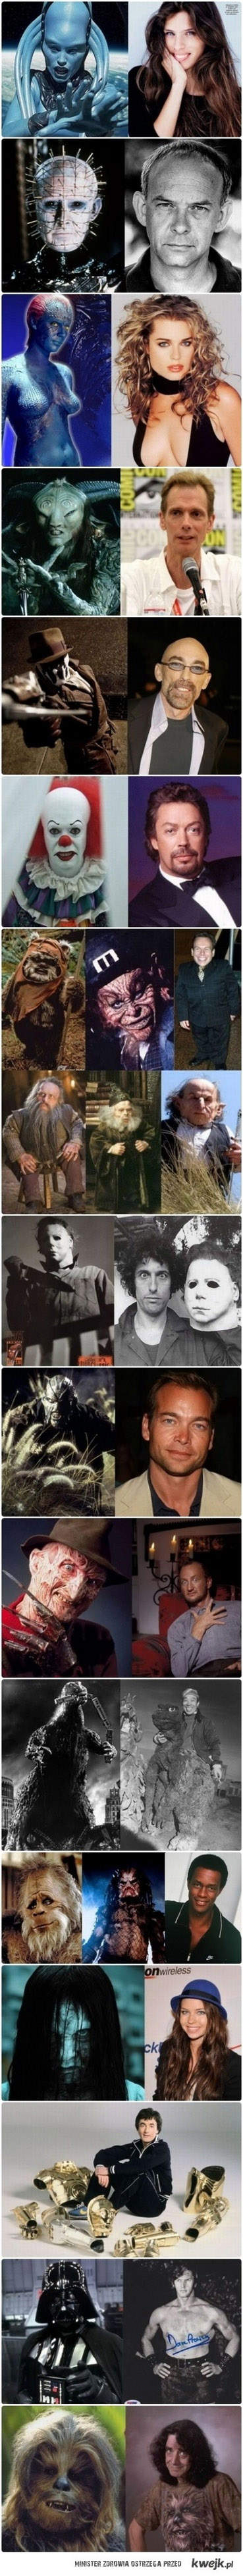 sławne postaci i aktorzy